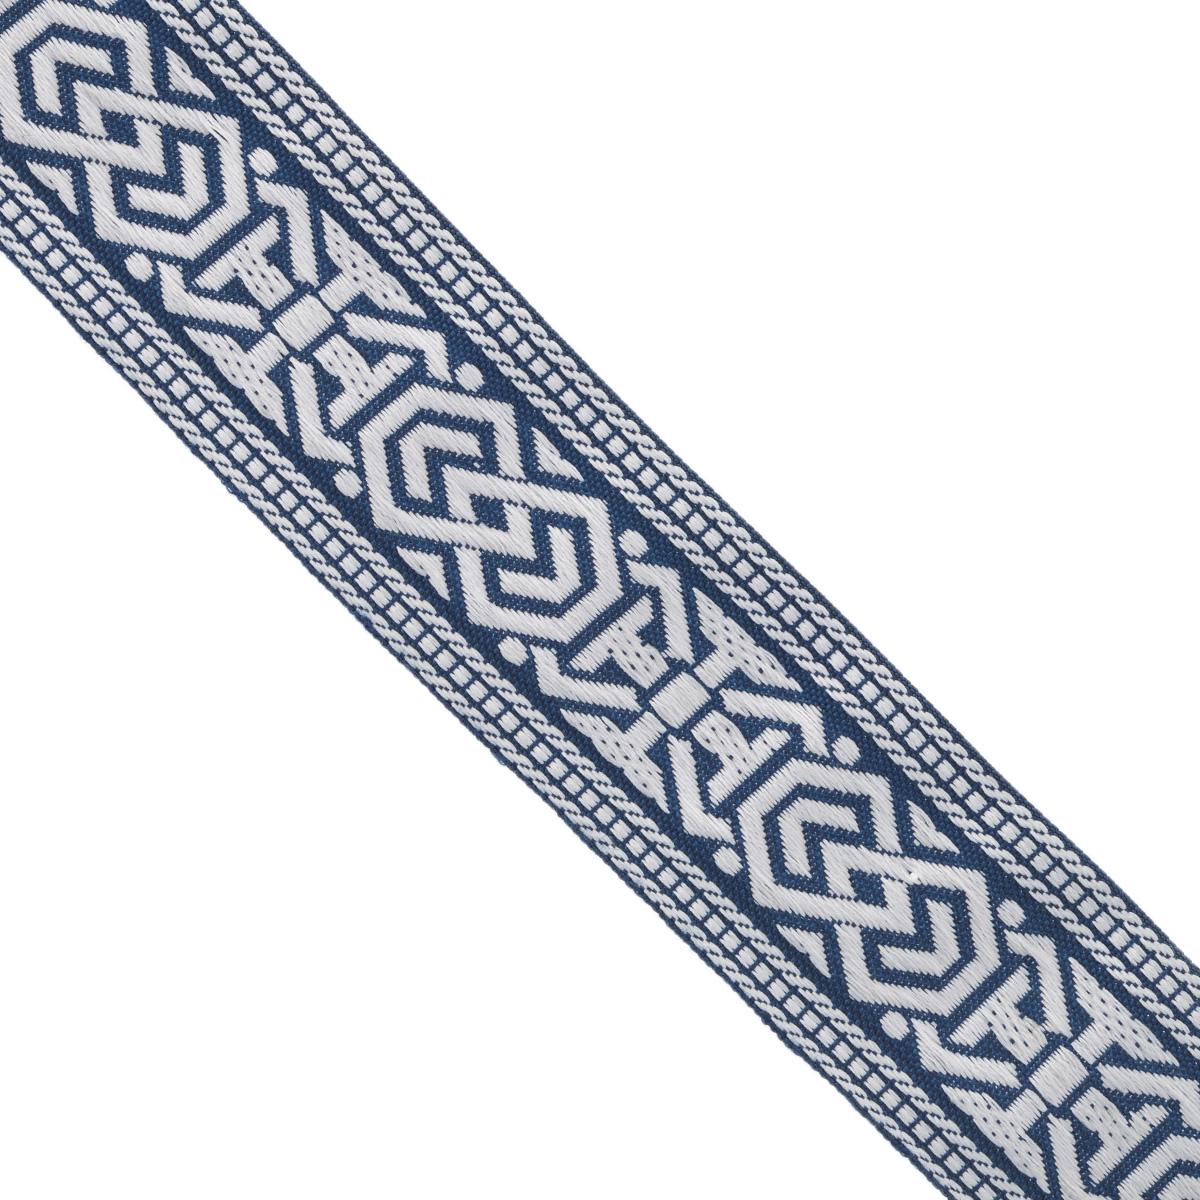 Тесьма декоративная Астра, цвет: синий (90), ширина 3 см, длина 16,4 м. 77033377703337_white/90Декоративная тесьма Астра выполнена из текстиля и оформлена оригинальным орнаментом. Такая тесьма идеально подойдет для оформления различных творческих работ таких, как скрапбукинг, аппликация, декор коробок и открыток и многое другое. Тесьма наивысшего качества и практична в использовании. Она станет незаменимым элементом в создании рукотворного шедевра. Ширина: 3 см. Длина: 16,4 м.